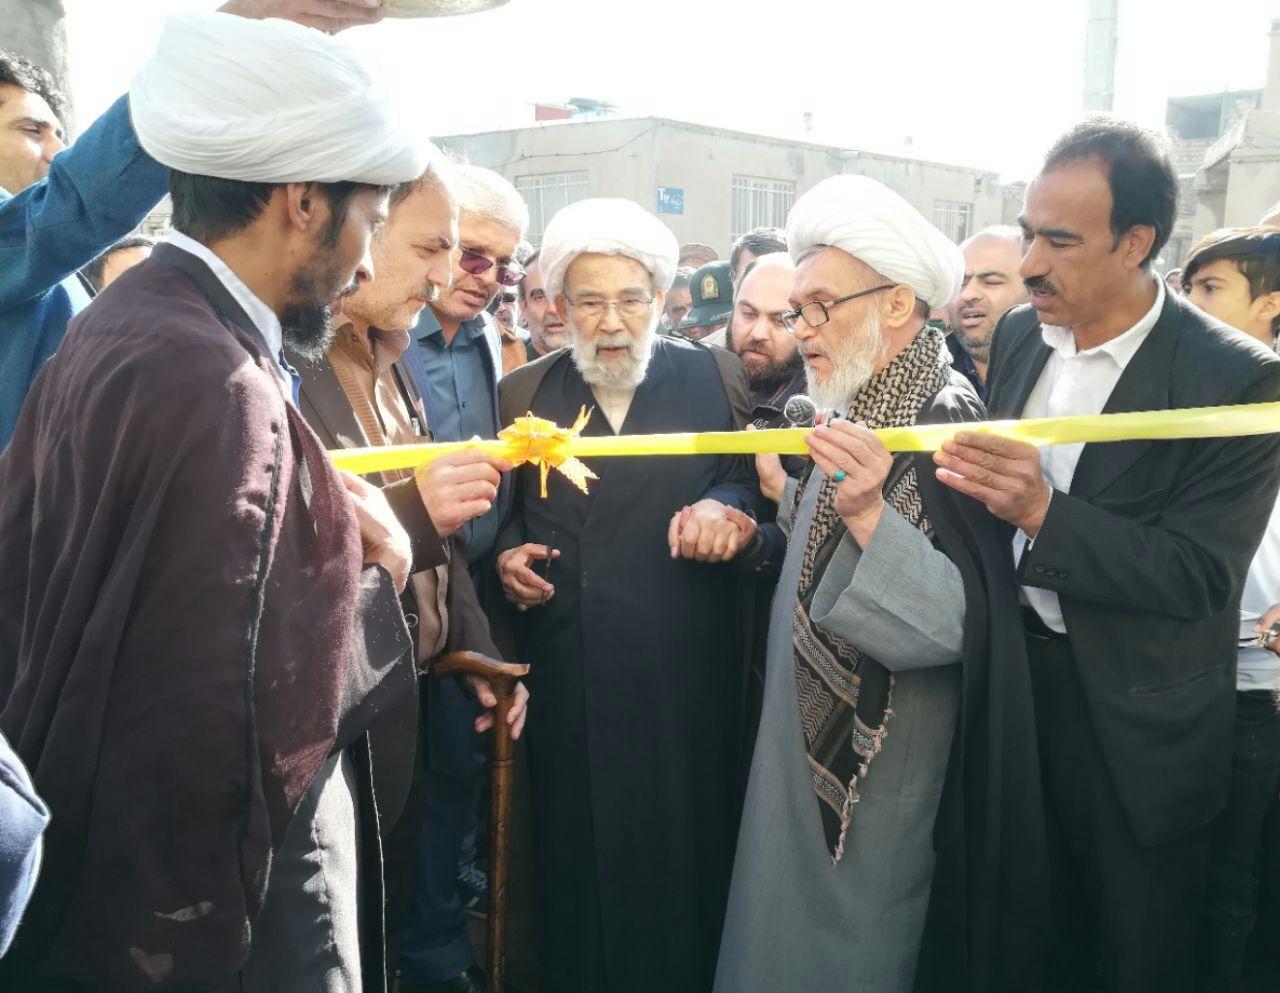 افتتاح مسجد امام حسن عسکری (ع) در تایباد